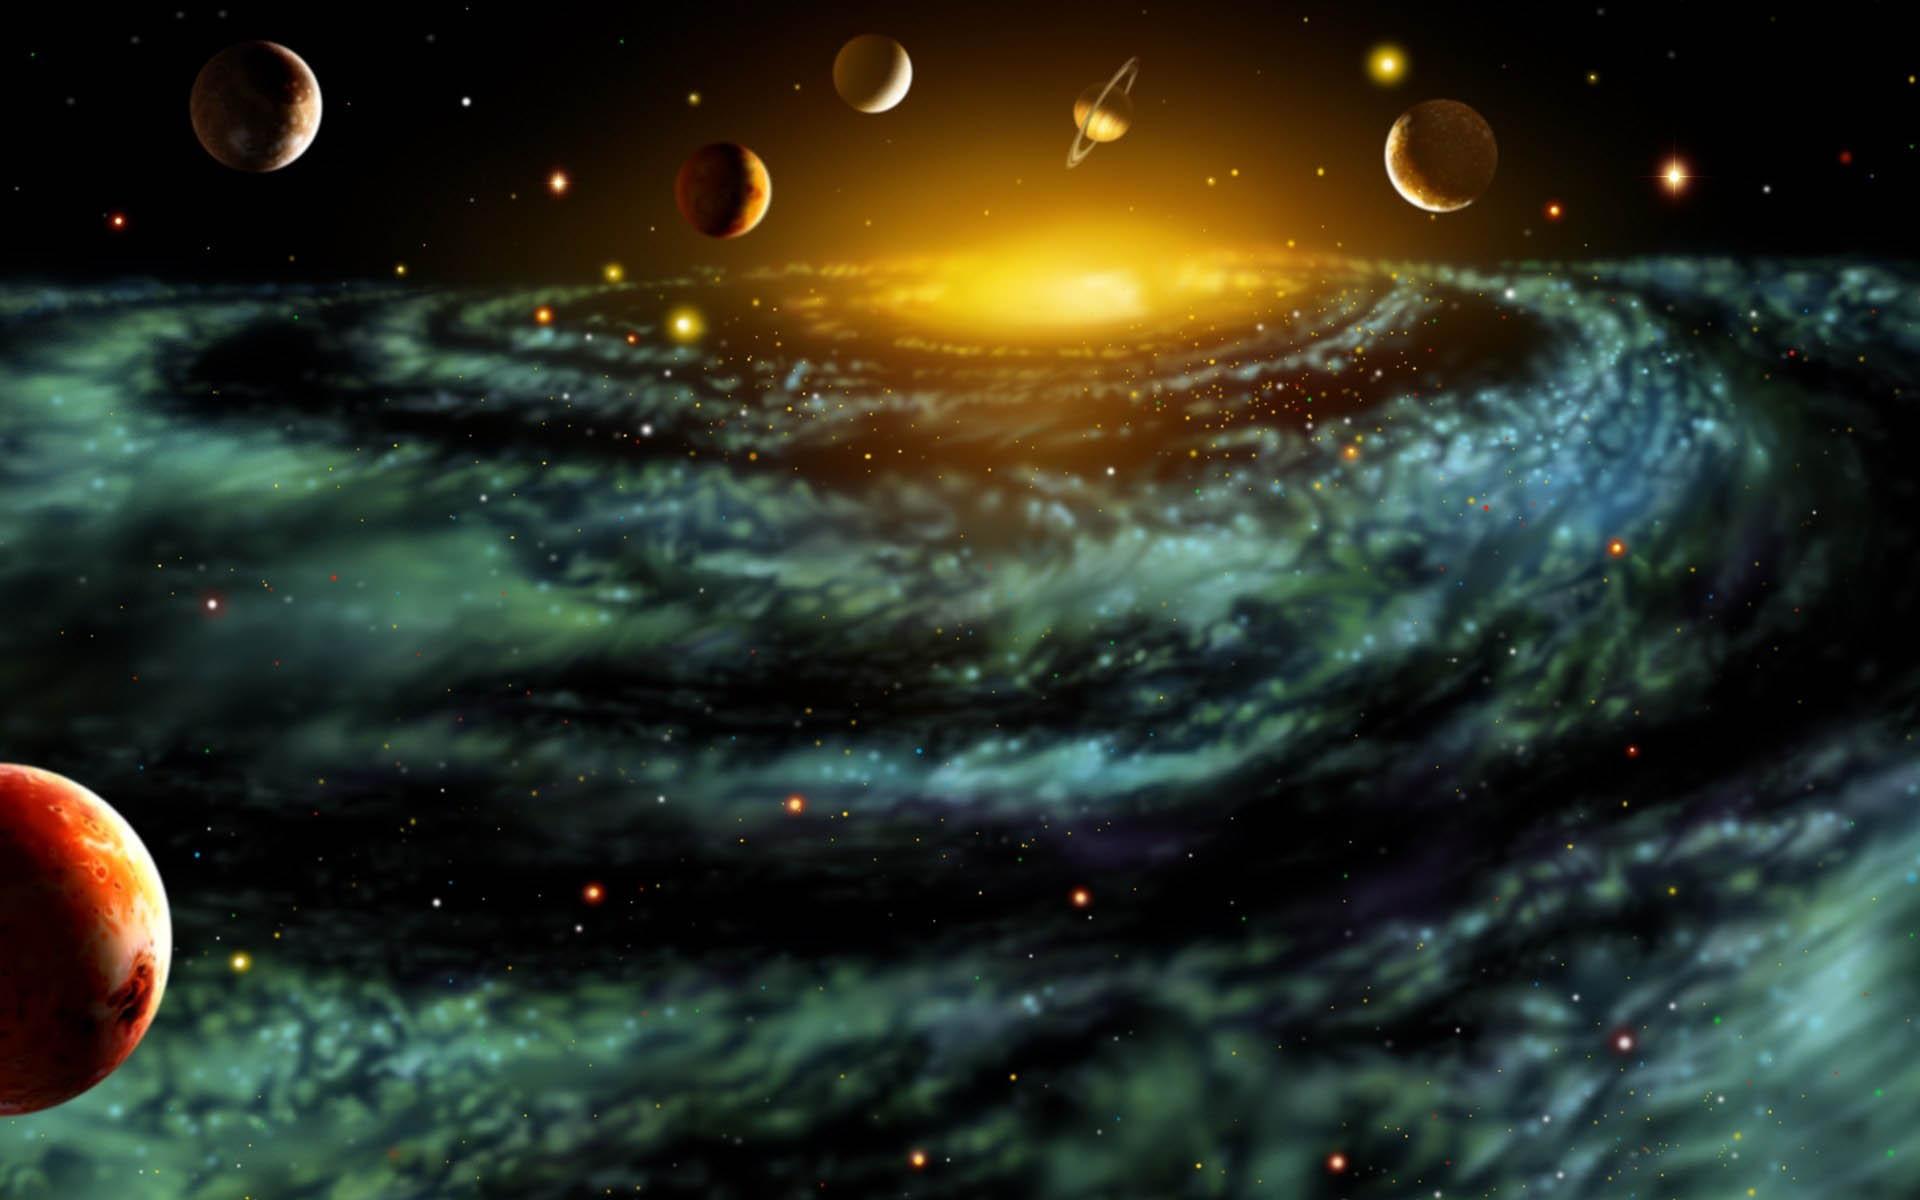 《宇宙起源》(亚利桑那大学公开课)全6集 中文字幕  亚利桑那大学公开课宇宙起源全集